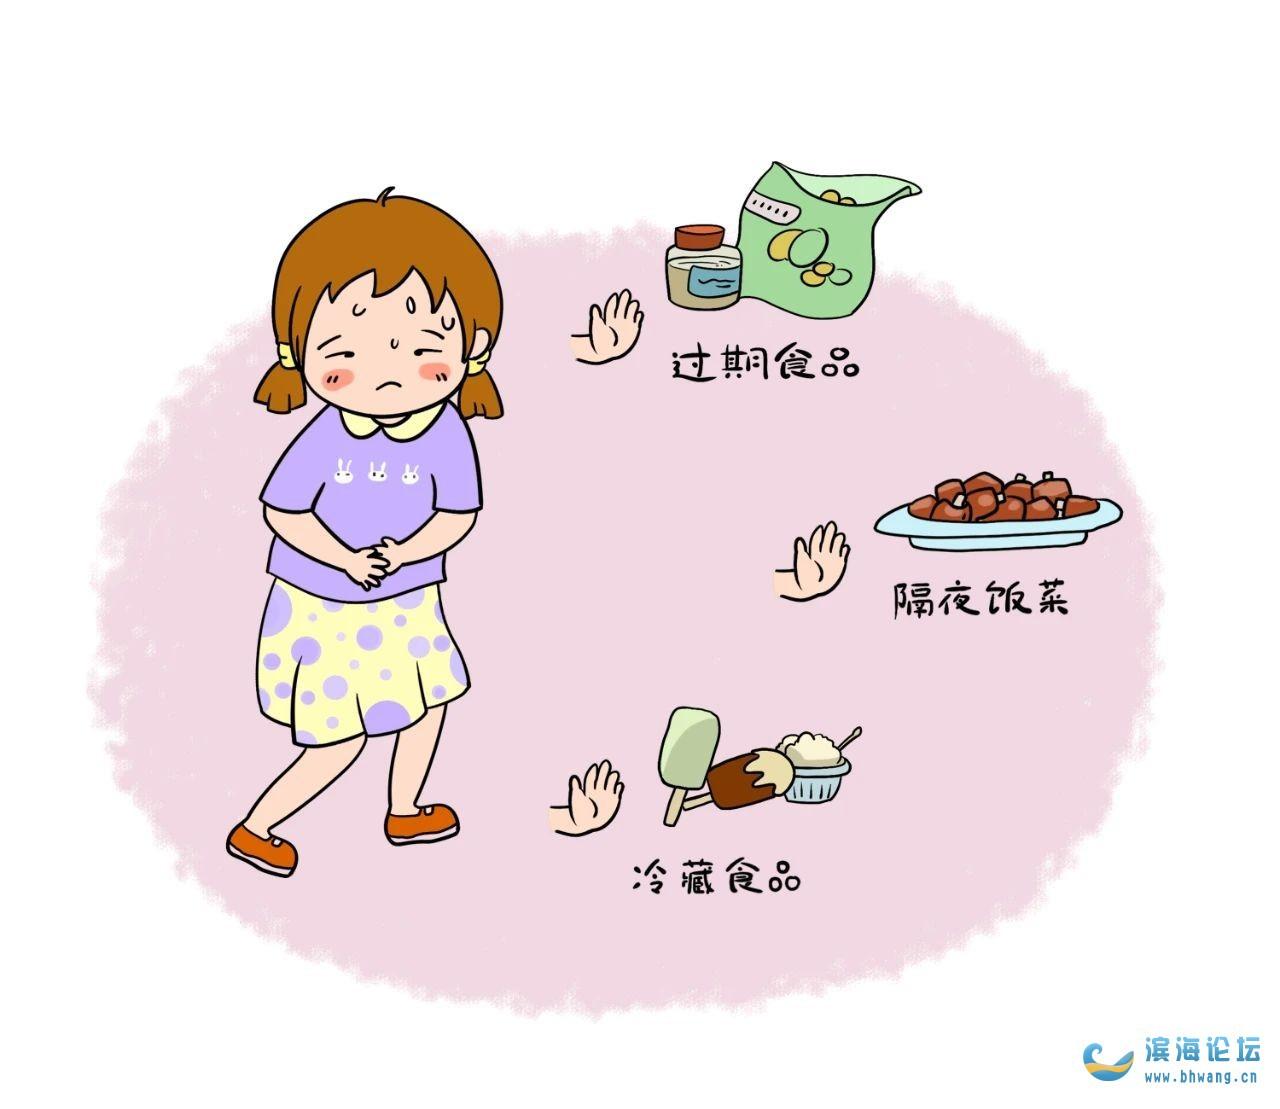 从腹泻到死亡,仅仅12个小时,夏天孩子拉肚子千万别大意!